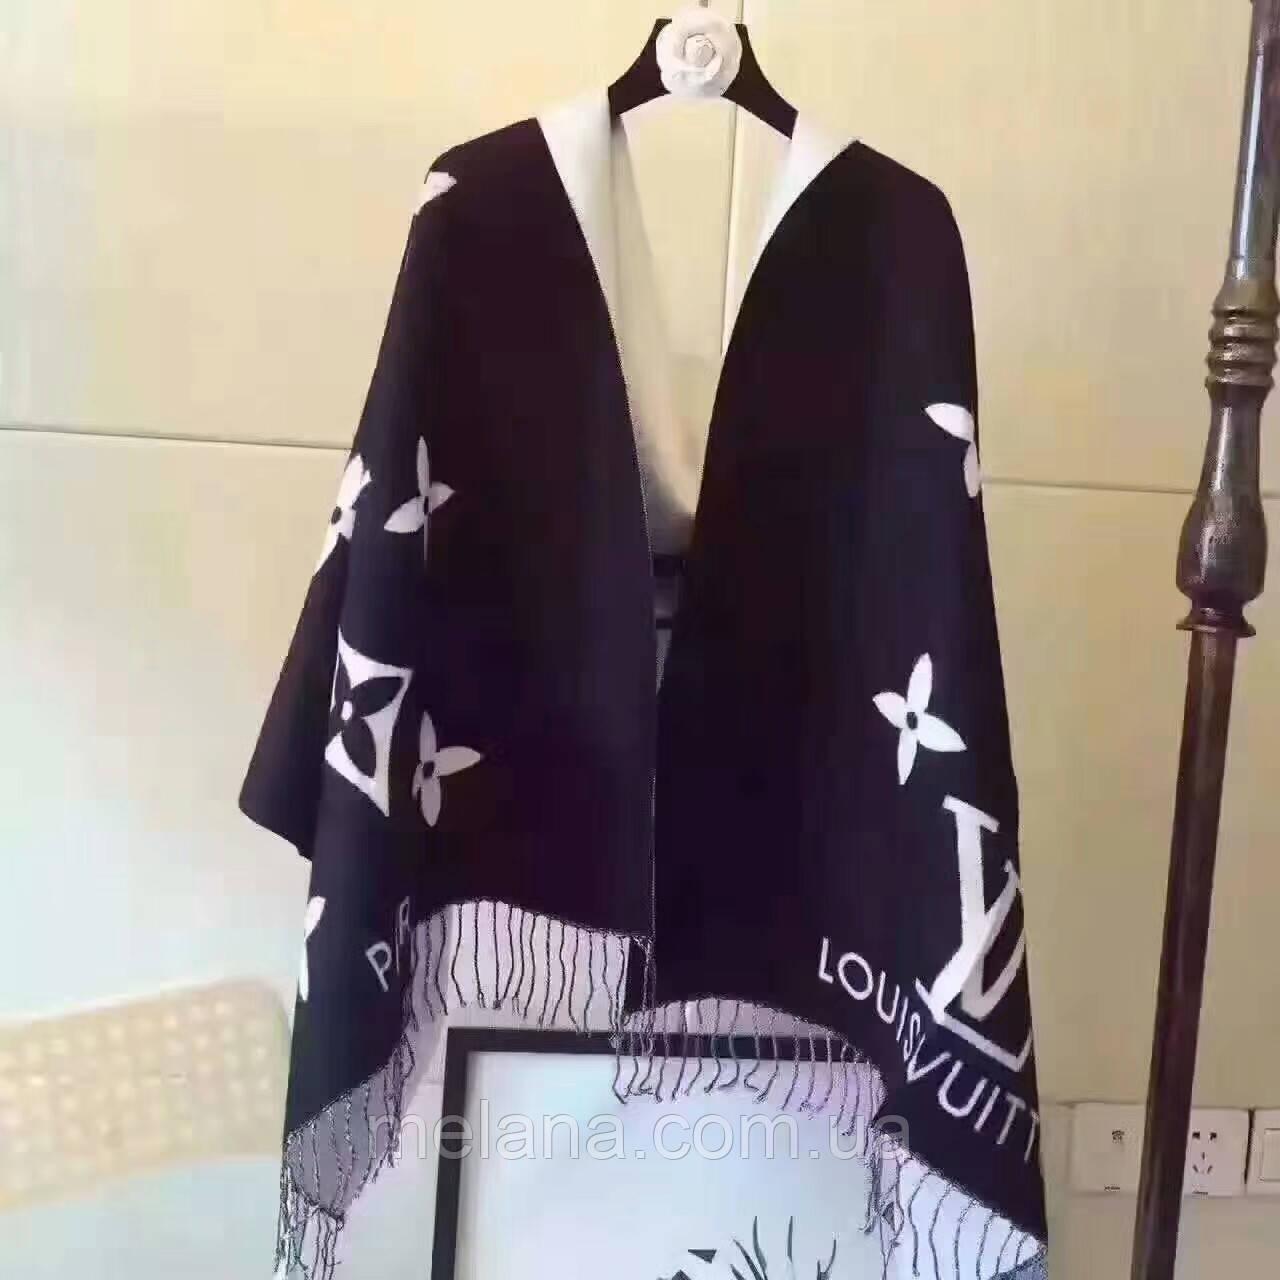 80347110611f Палантин шарф теплый в стиле Louis Vuitton (Луи Витон) топ модель. 540 грн.  Купить